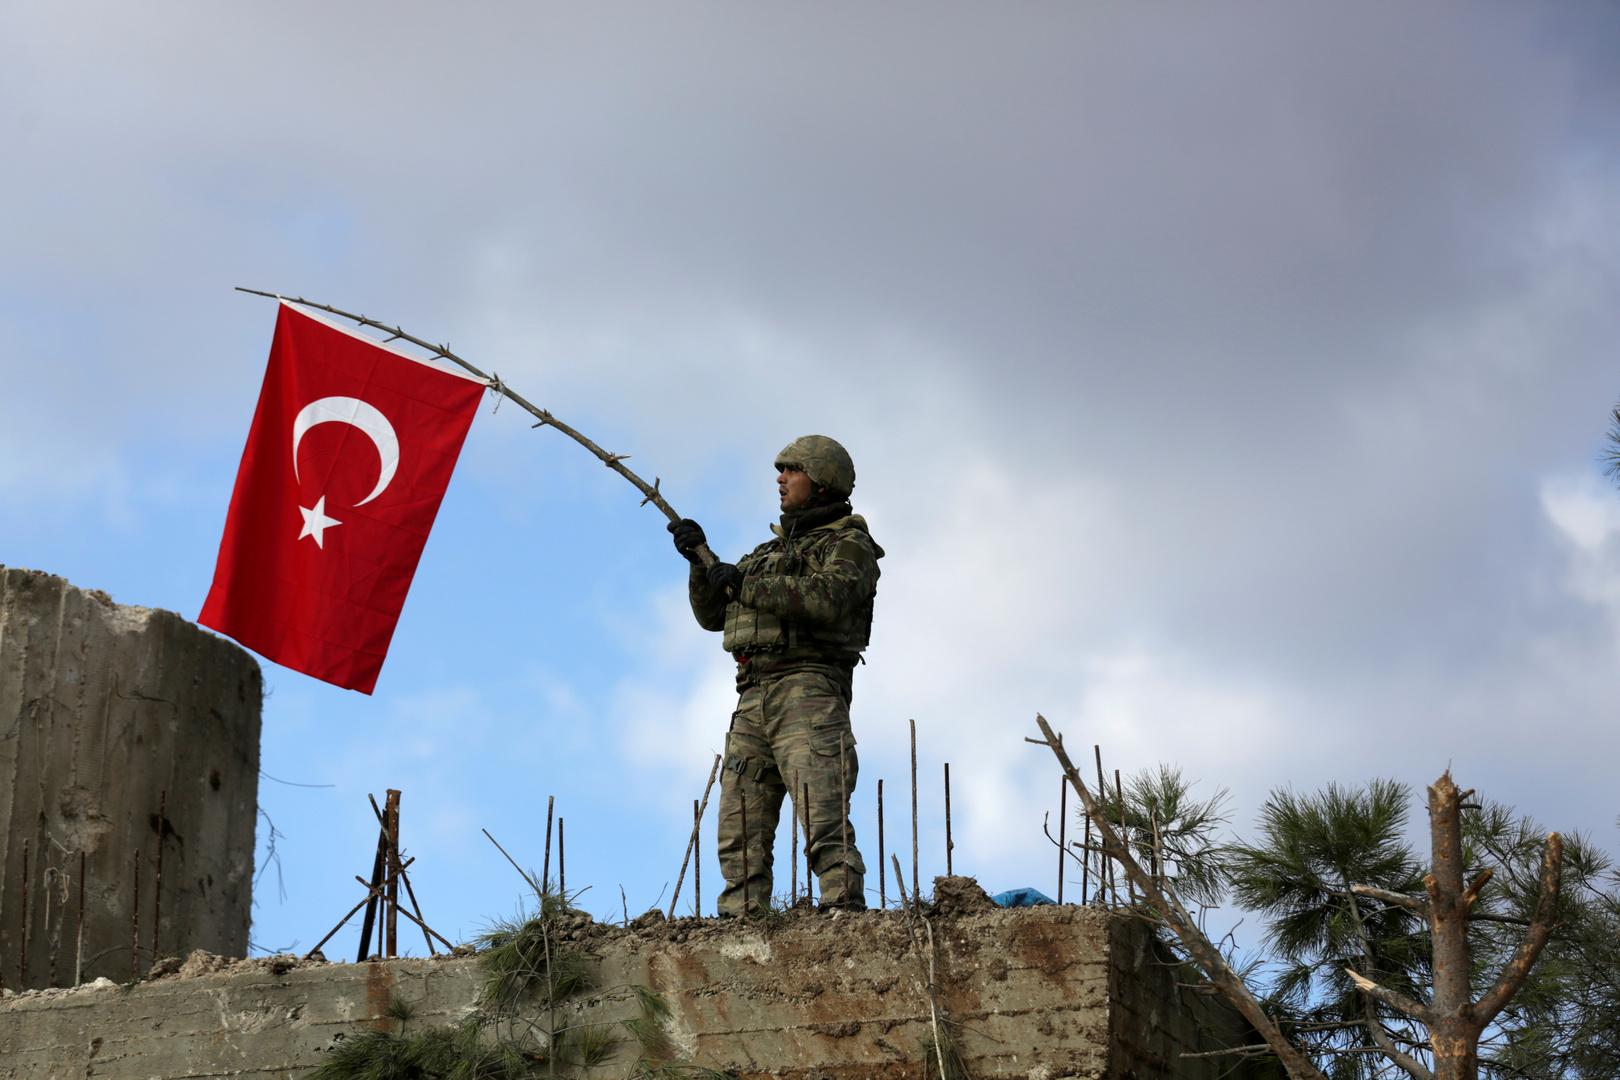 شركة تركية توقع عقدا لتزويد دولة عربية بأكثر من 45 عربة مصفحة